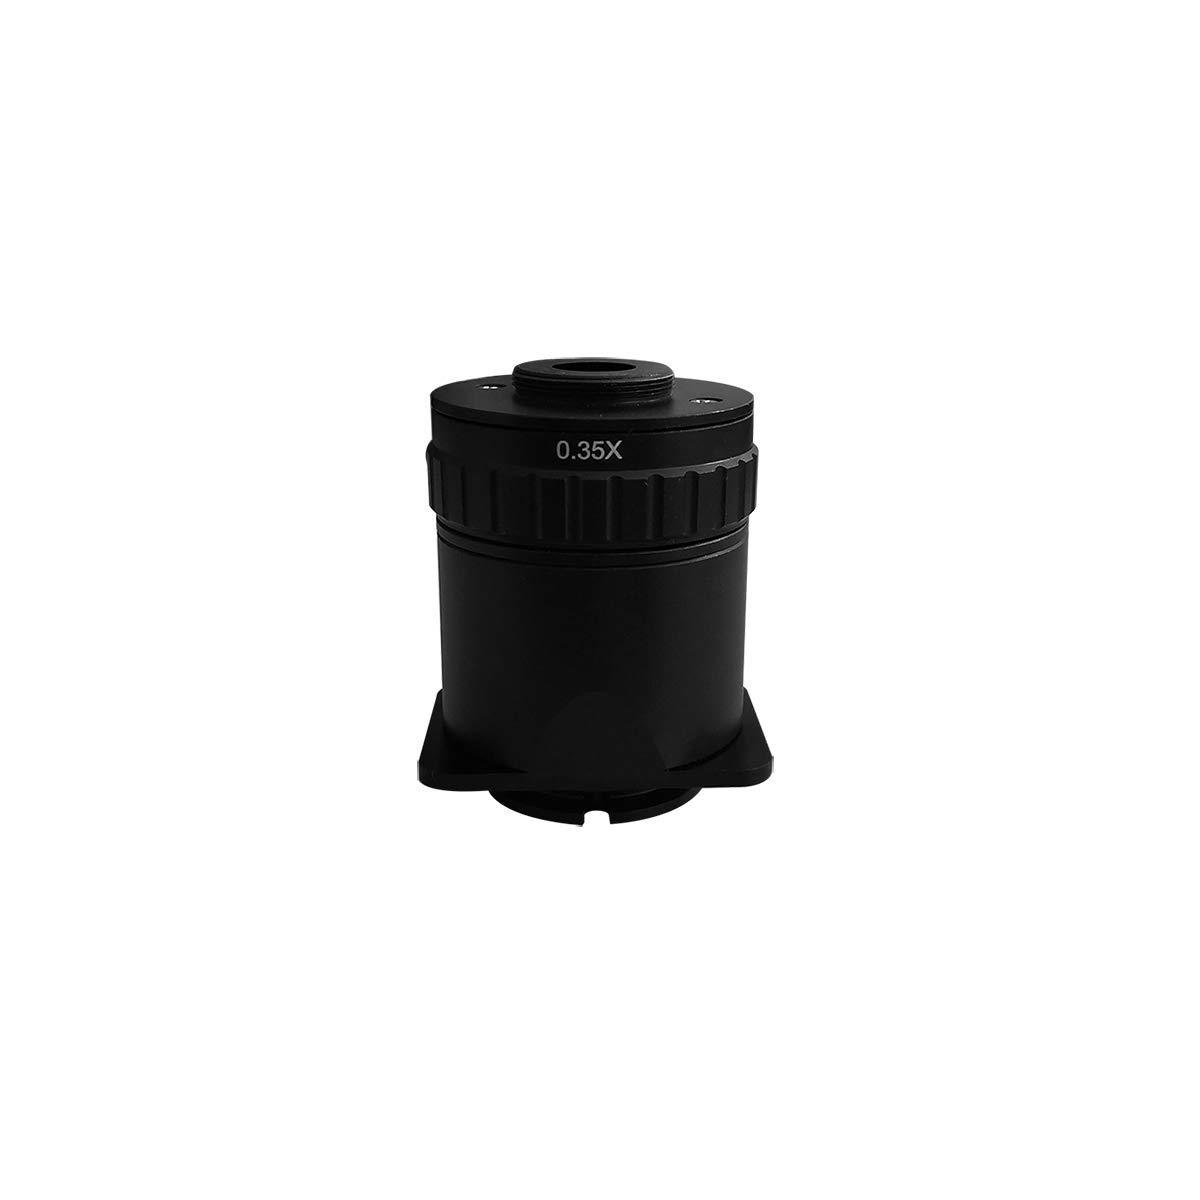 BoliOptics 0.35X 調節可能な顕微鏡カメラカプラー Cマウントアダプター 38mm SZ05016111   B078JPXNHH